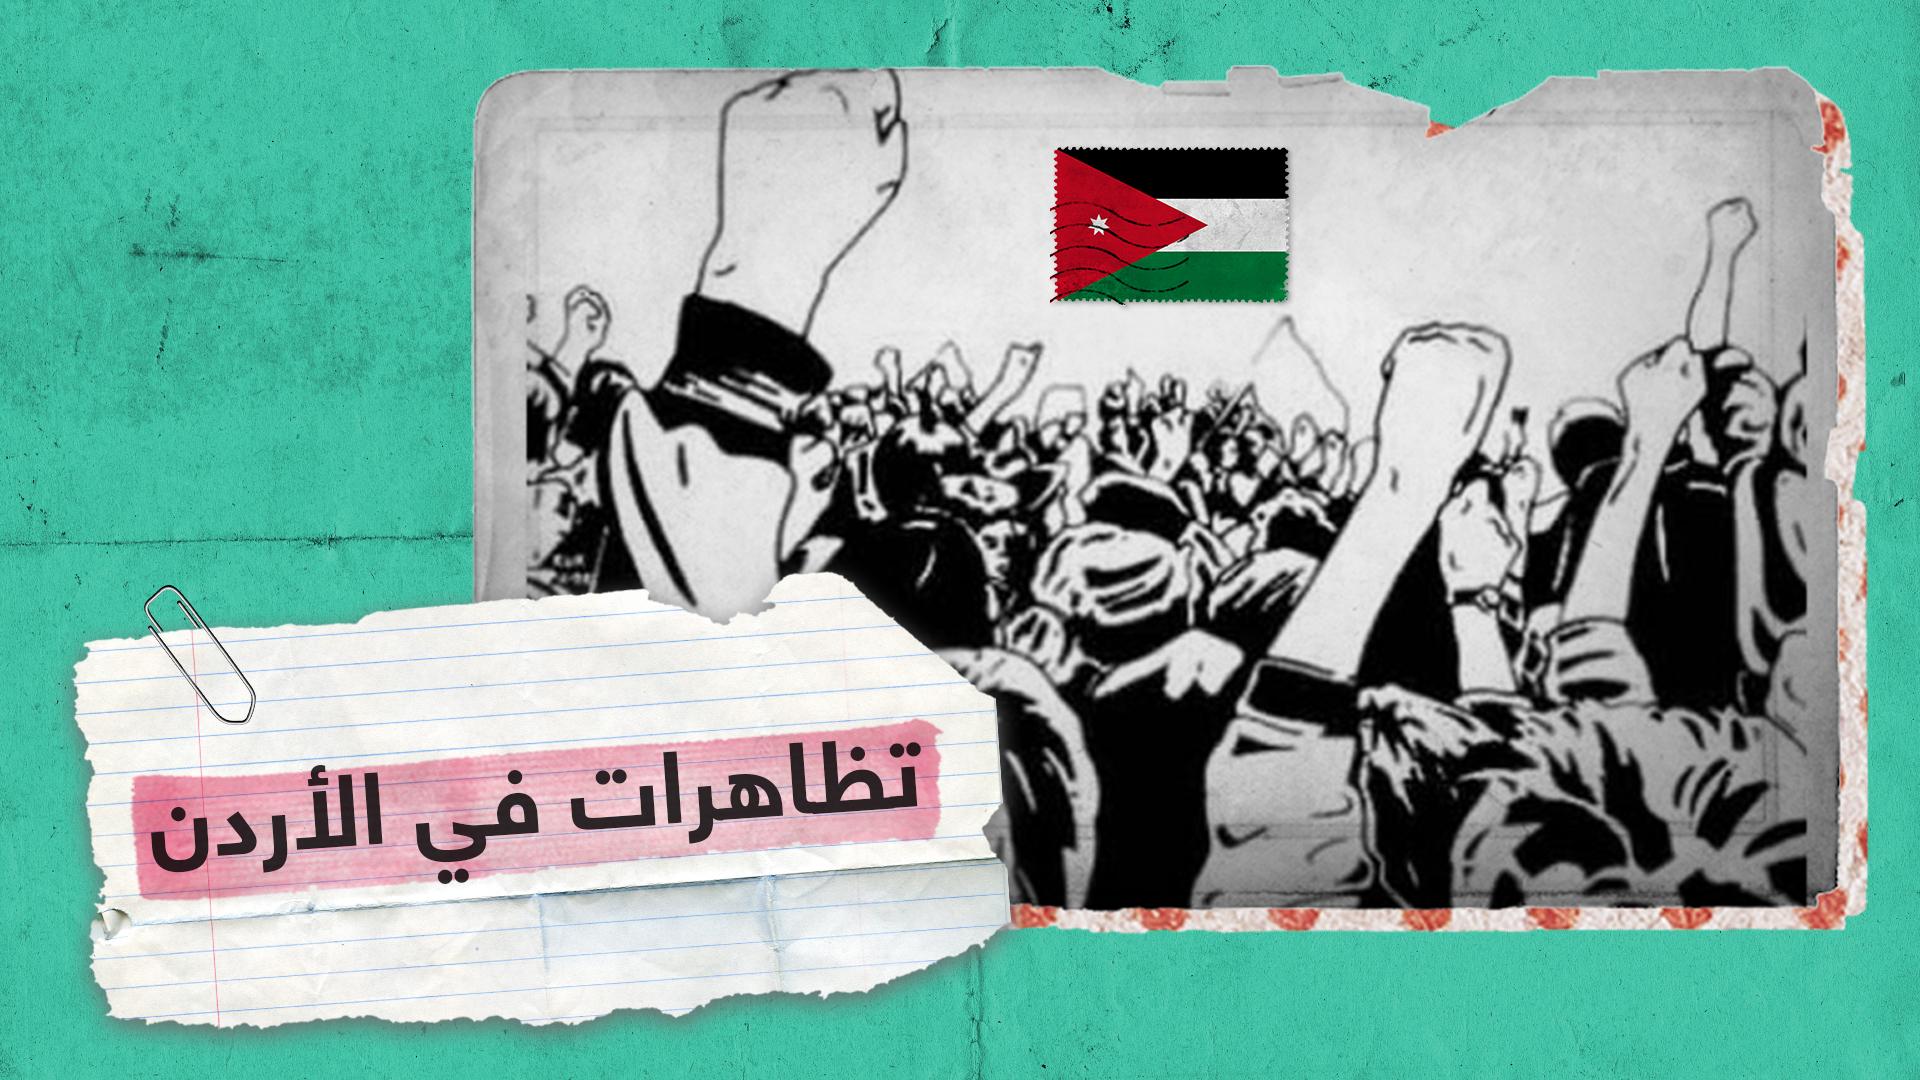 تظاهرات في الأردن تضامنا مع المعلمين